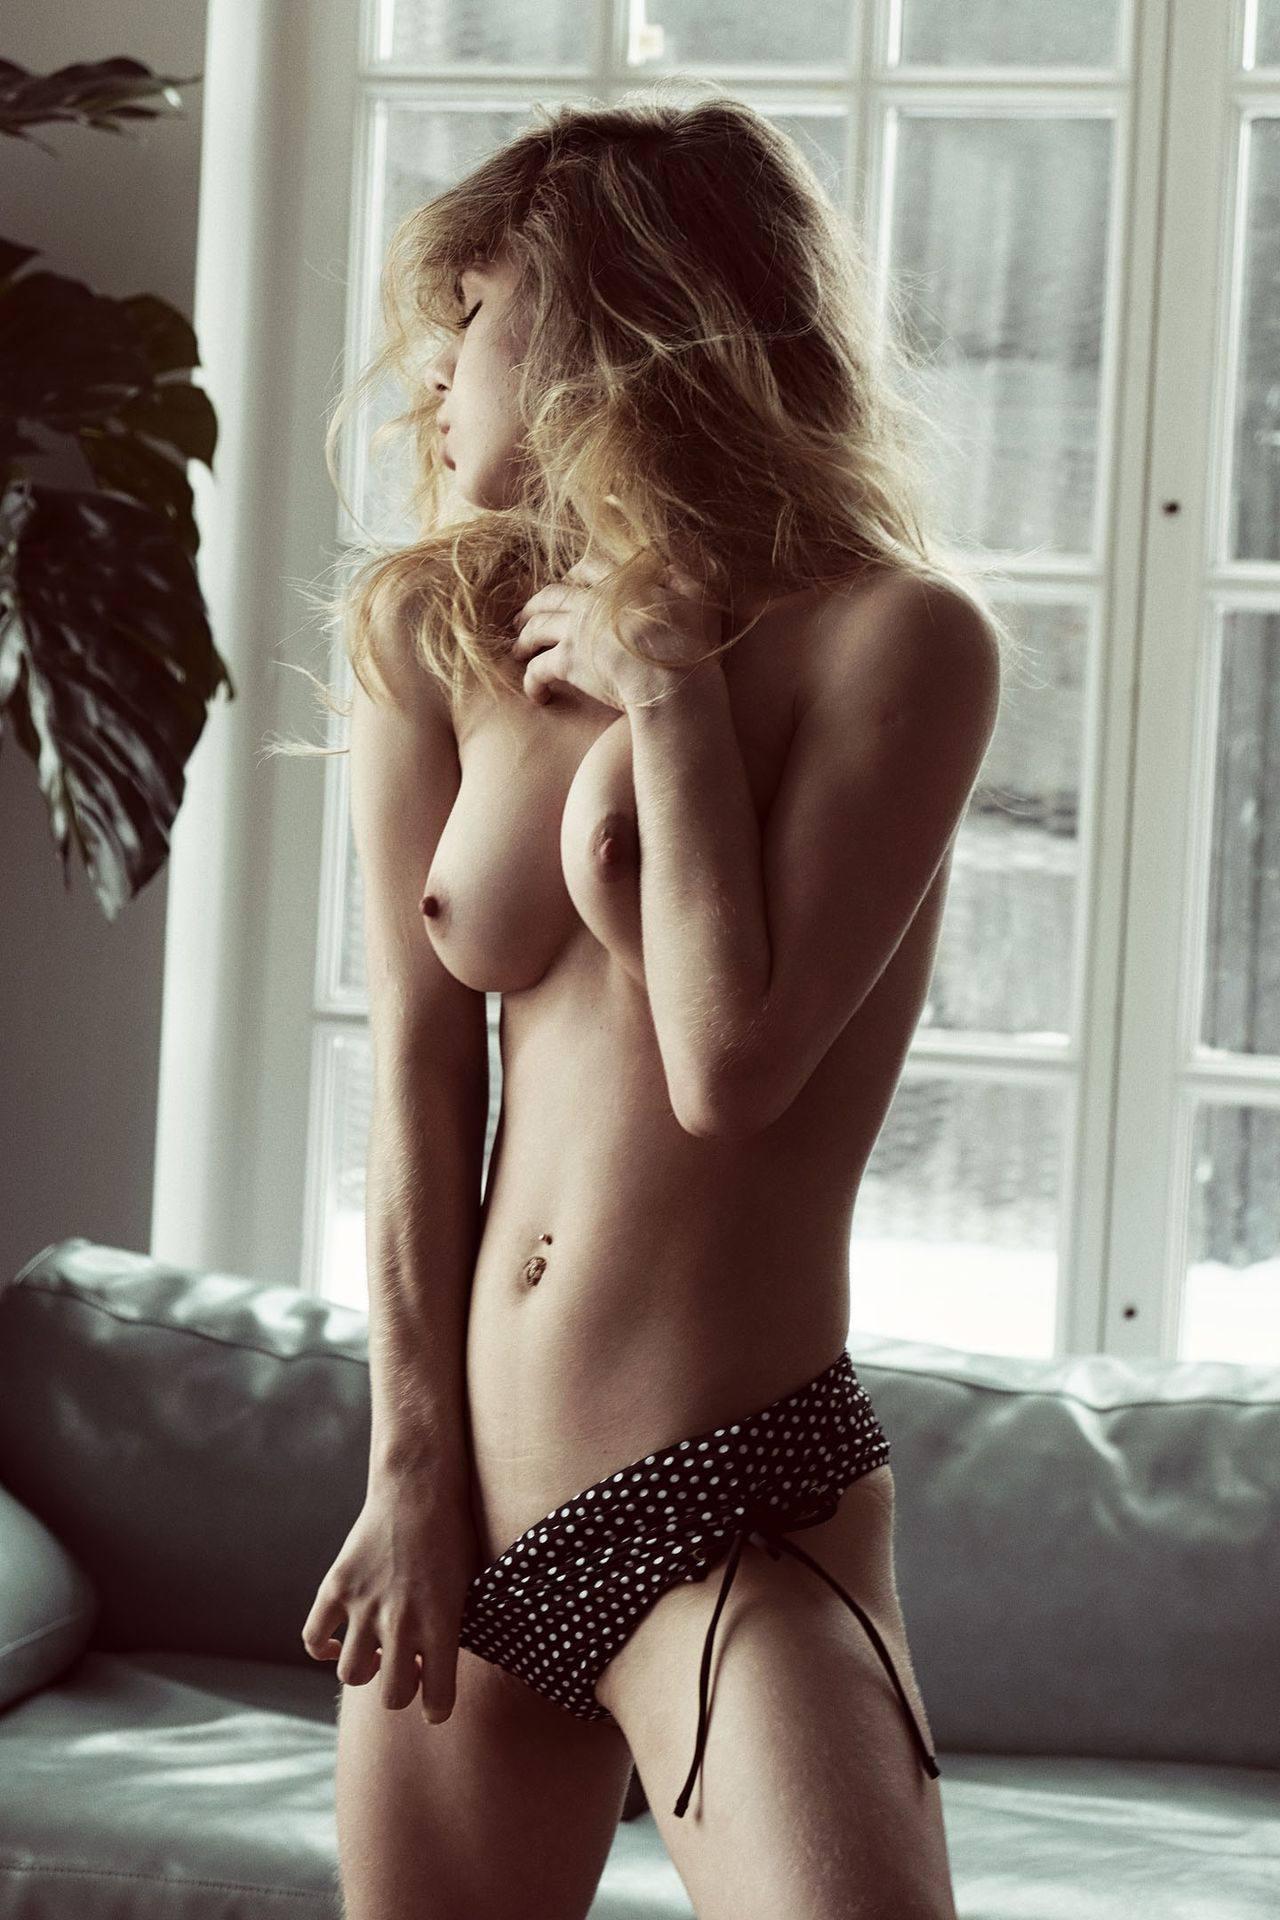 Alexandra Smelova – Beautiful Boobs In Sexy Topless Photoshoot By Rocco Cruz (nsfw) 0004